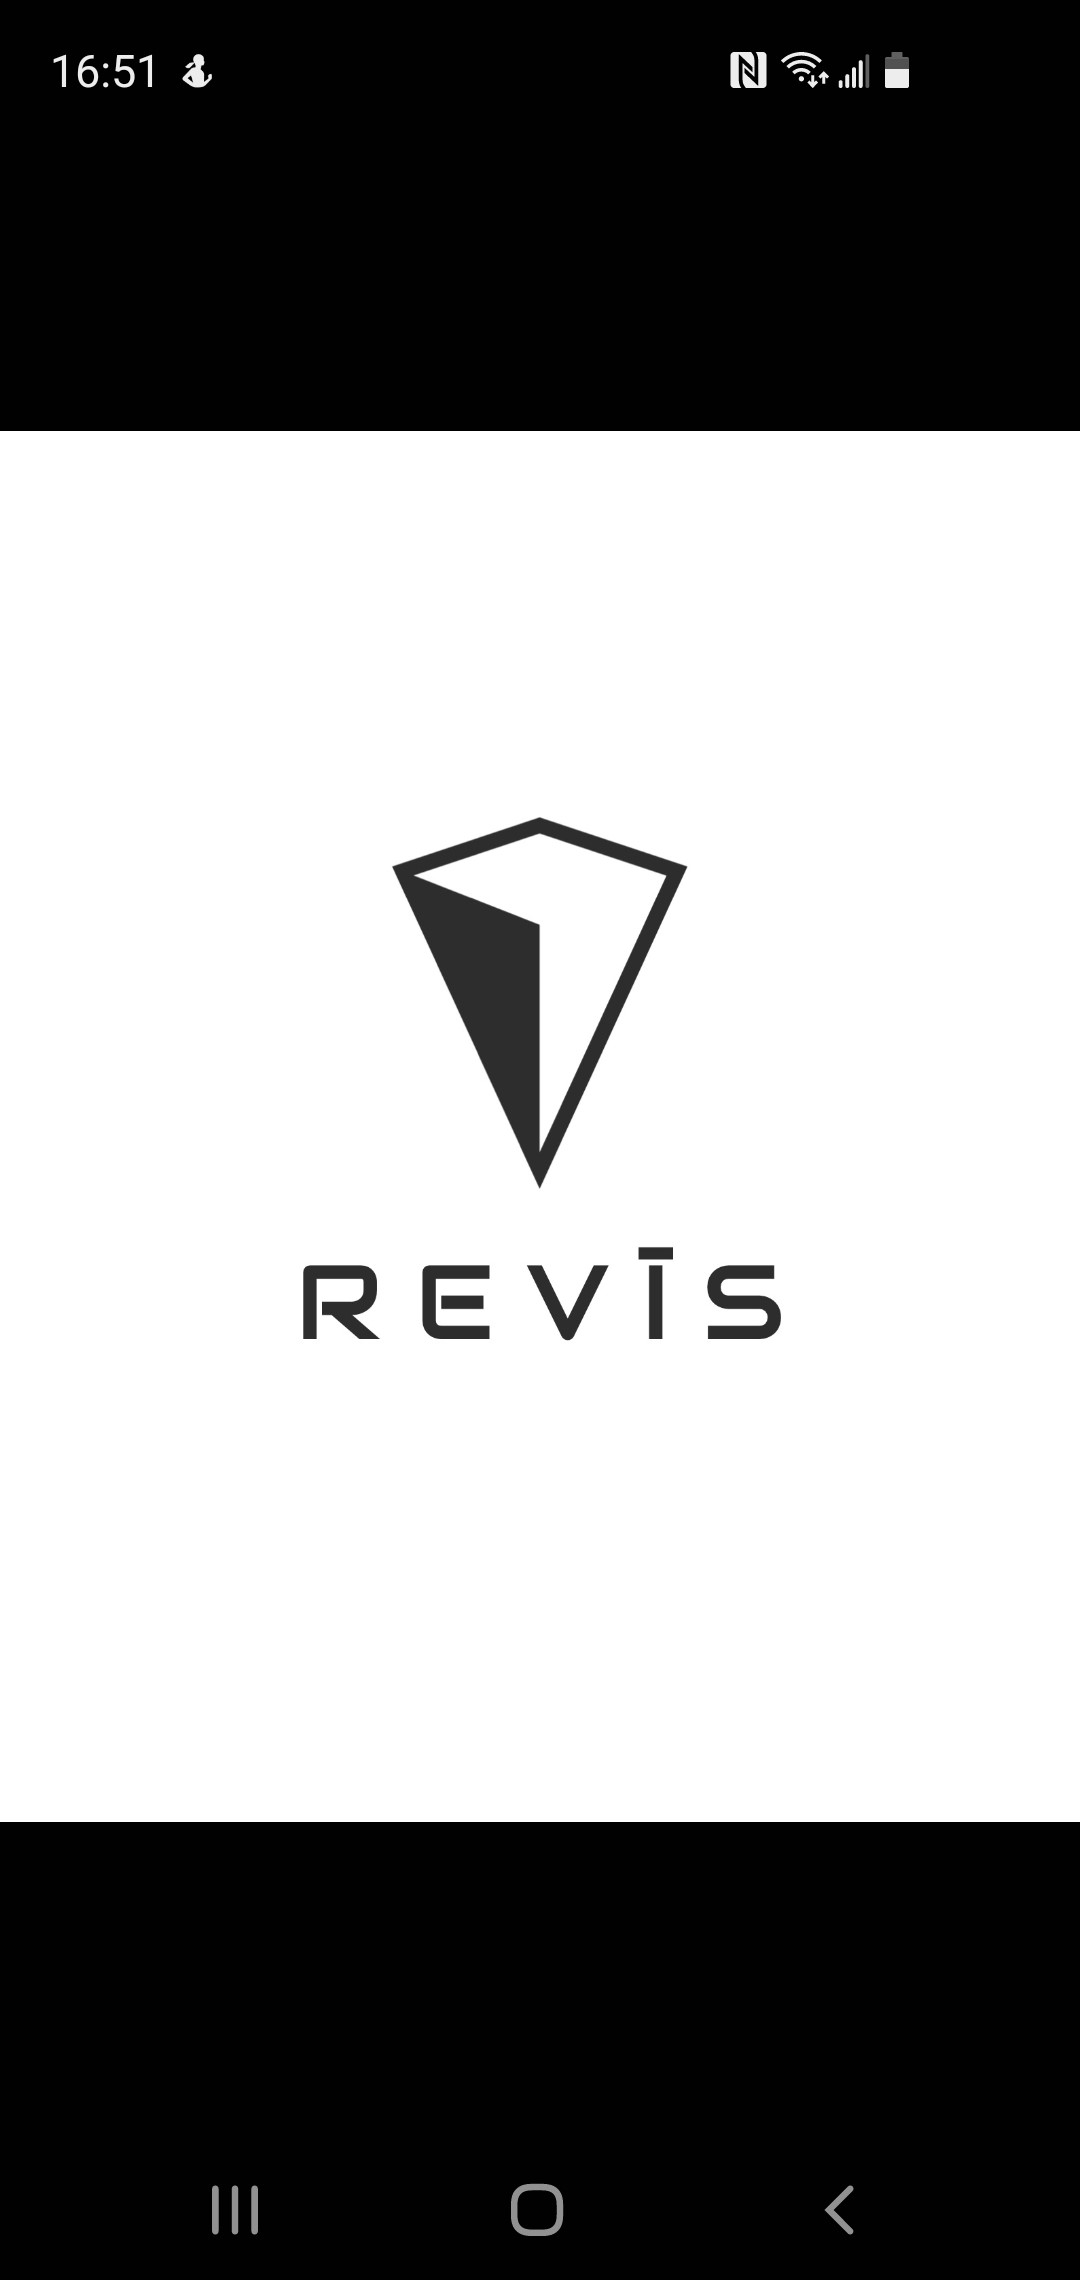 REVIS Strength